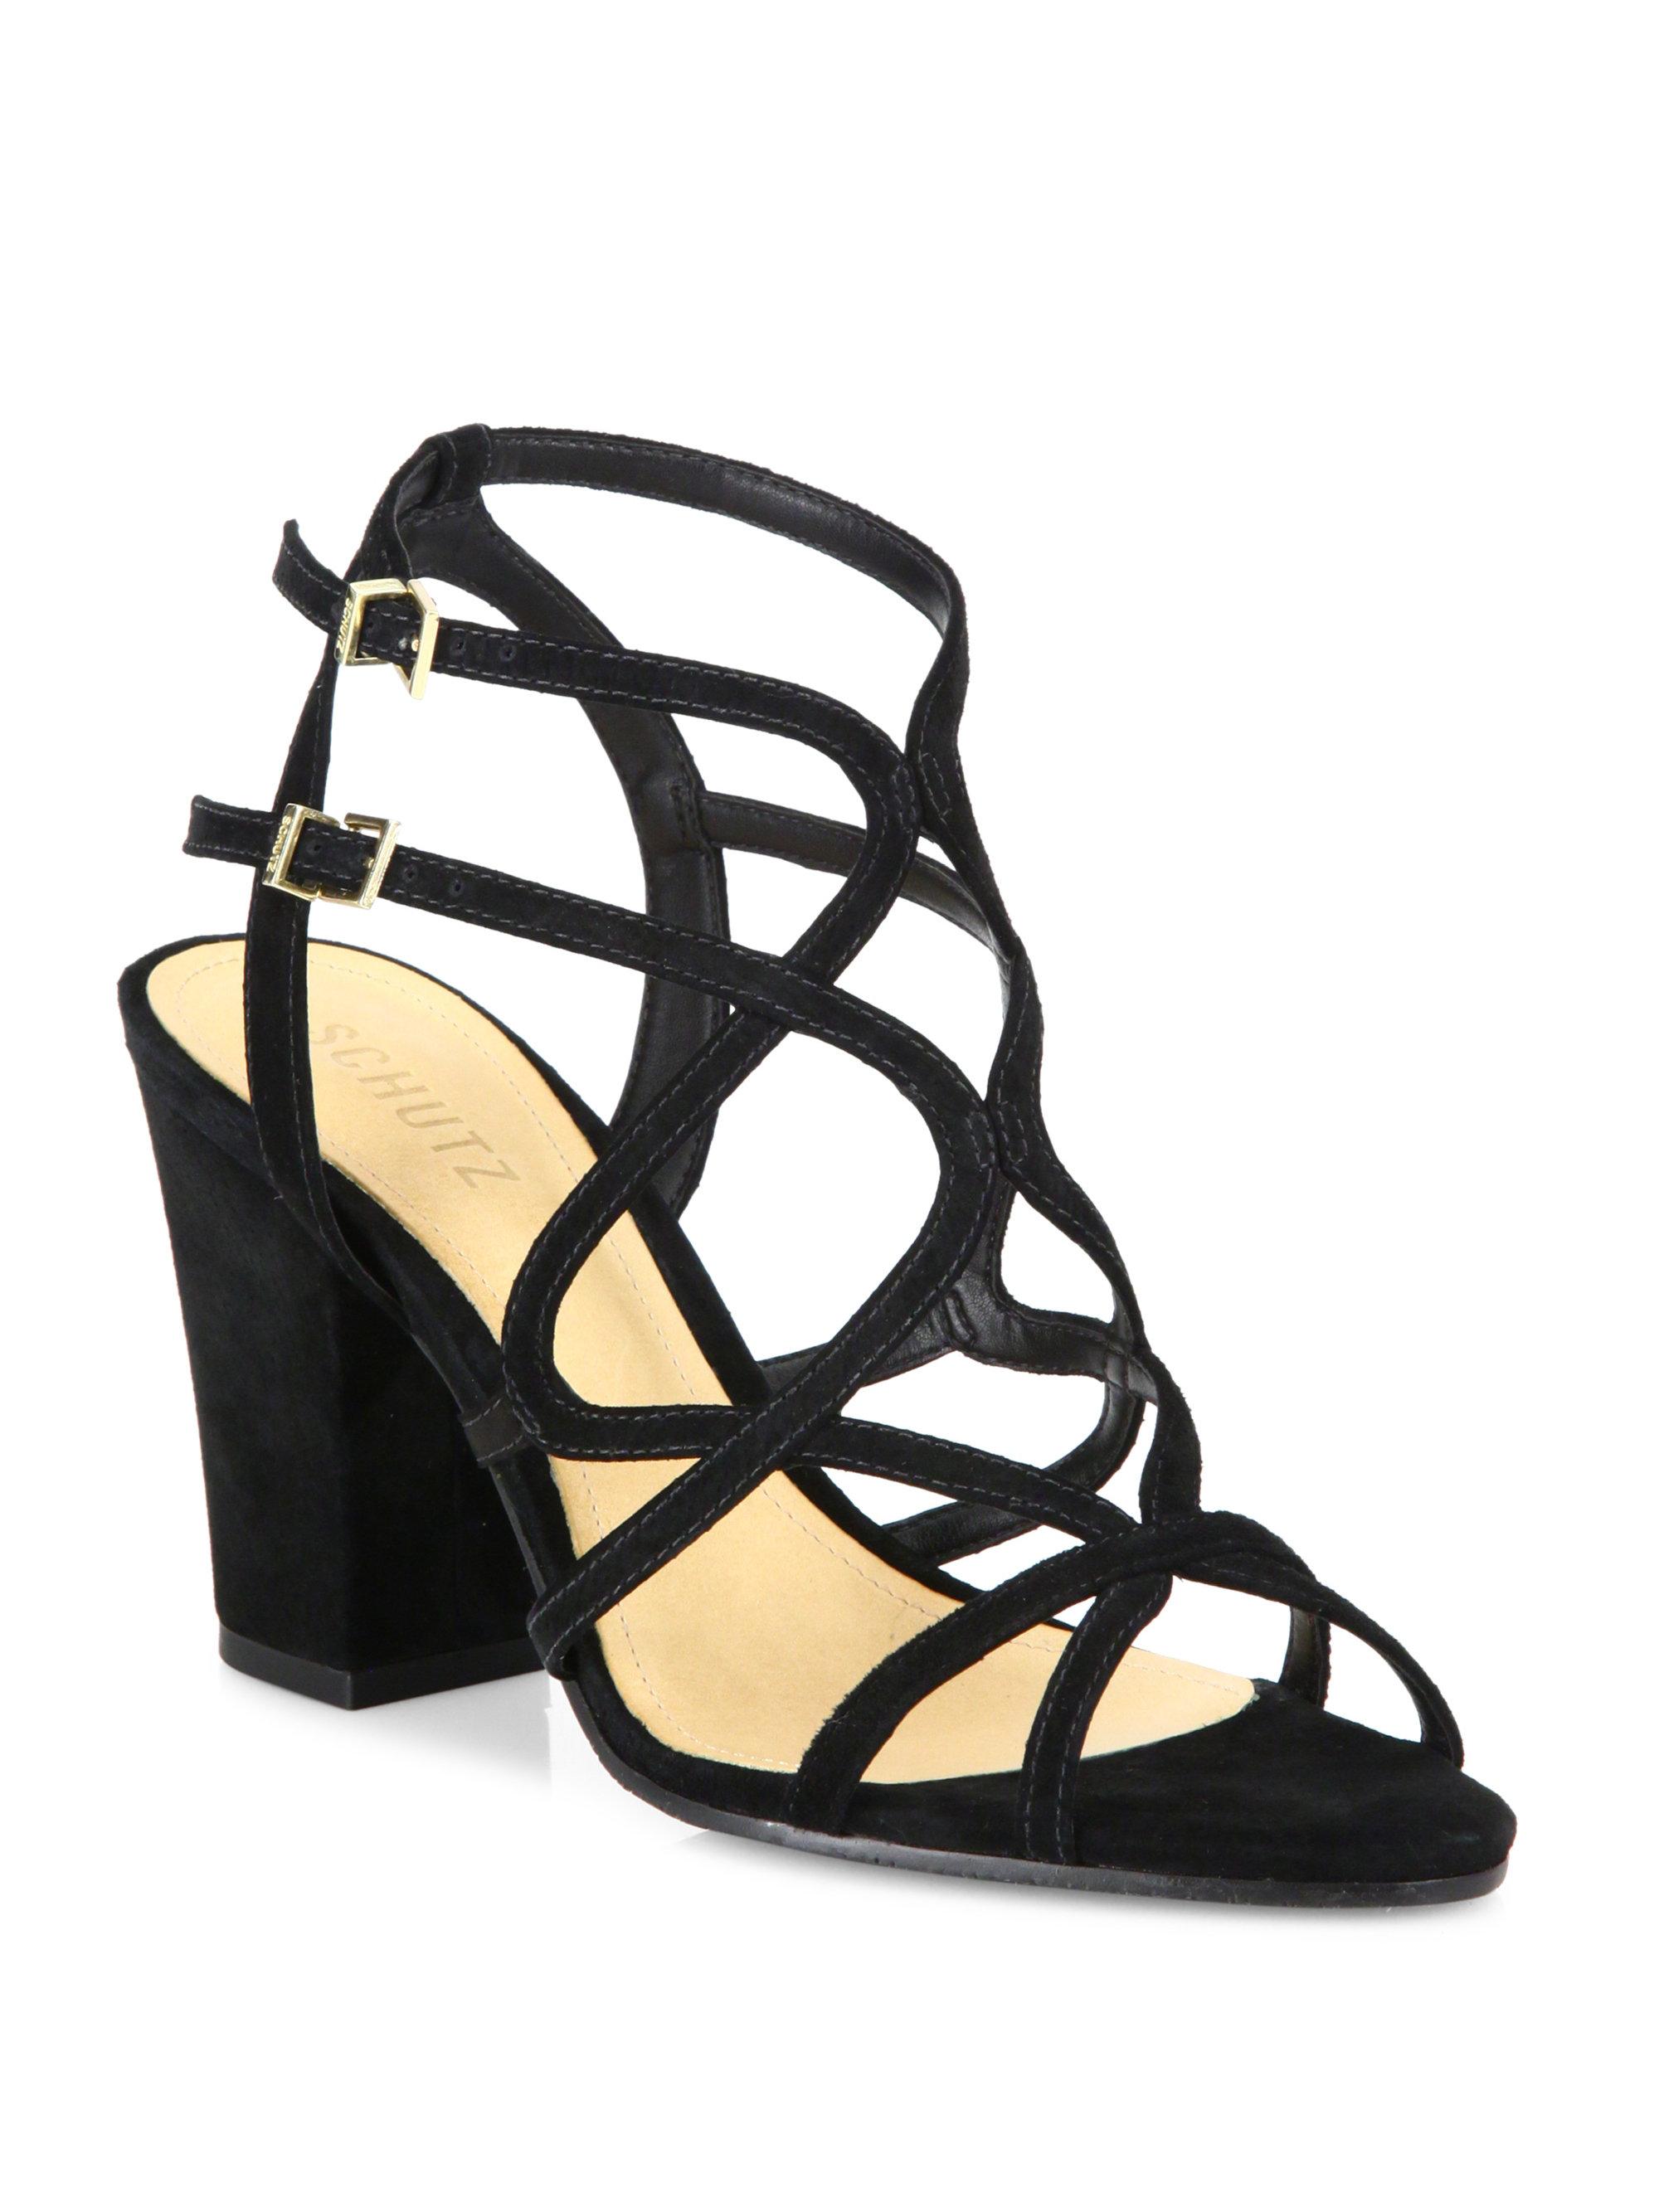 1b2142d9cd9 Lyst - Schutz Lynne Strappy Suede Block-heel Sandals in Black